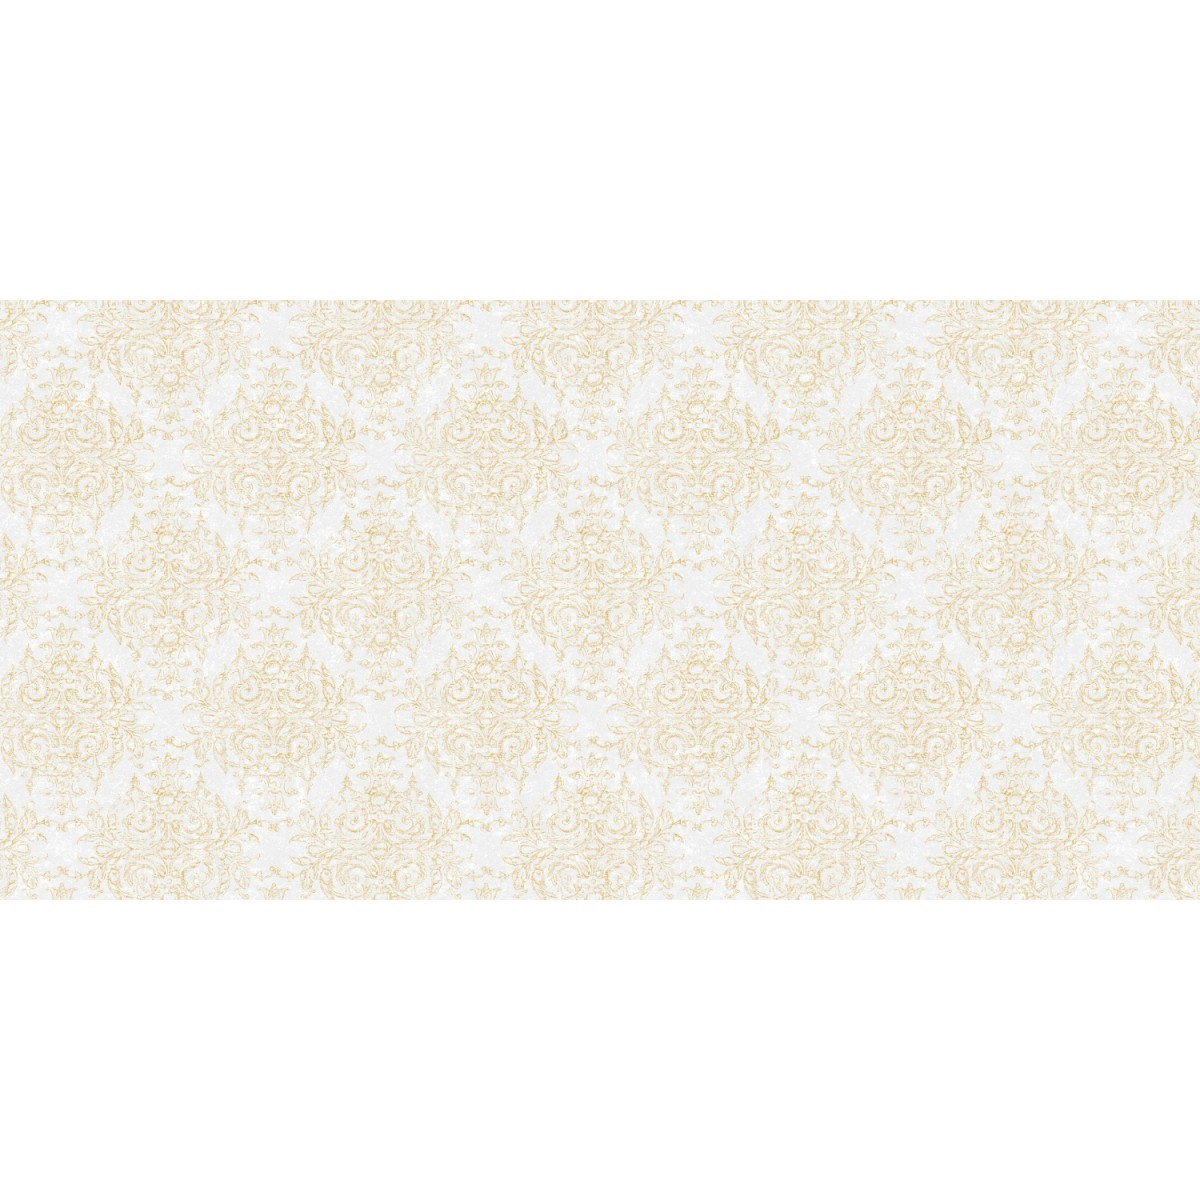 Обои виниловые Shinhan Wallcoverings серые 1.06 м 88361-1